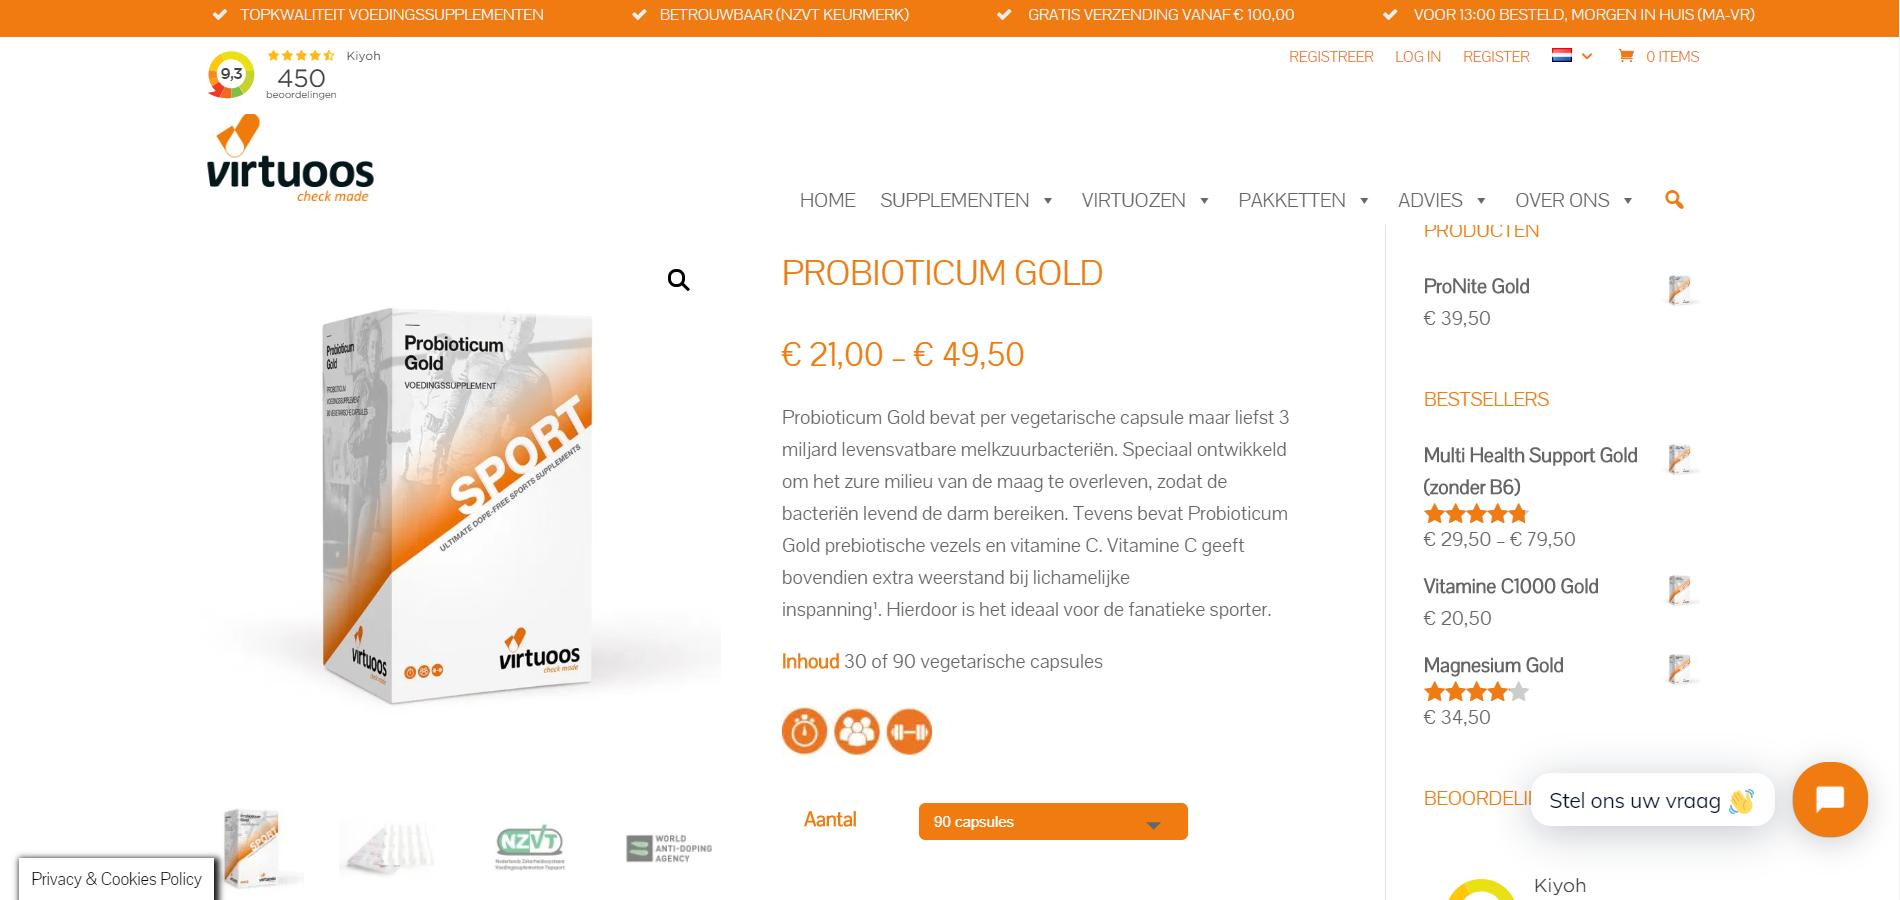 Webpagina Virtuoos - Probioticum Gold